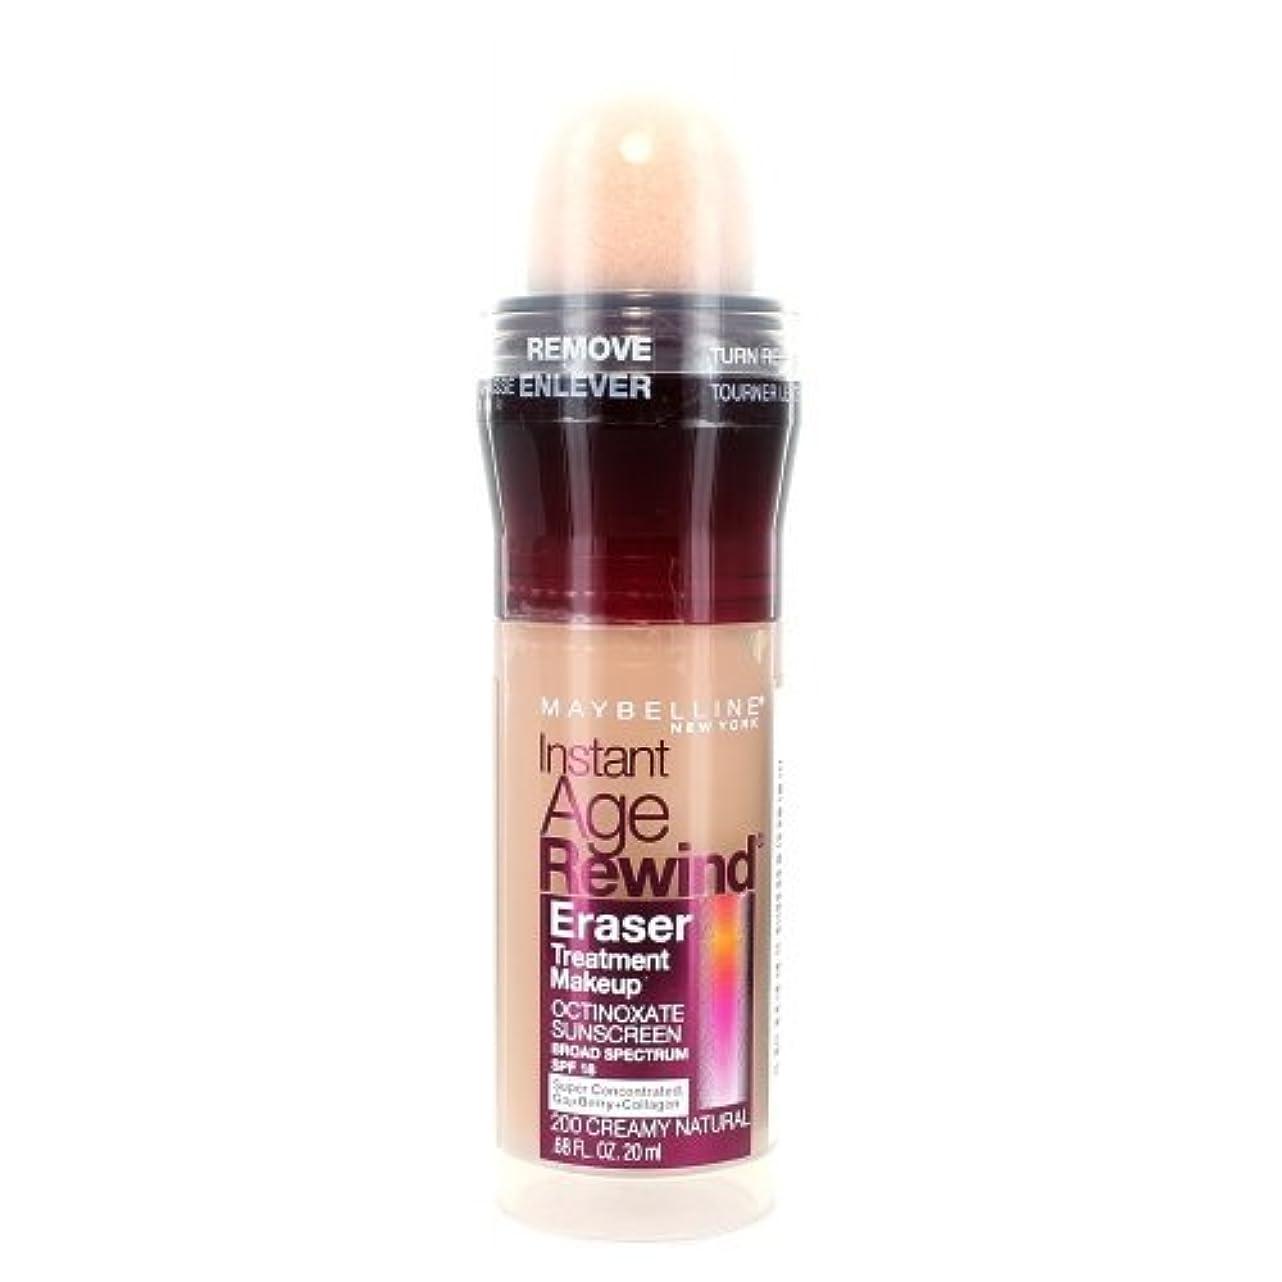 バナー意図的酸(3 Pack) MAYBELLINE Instant Age Rewind Eraser Treatment Makeup Creamy Natural (並行輸入品)